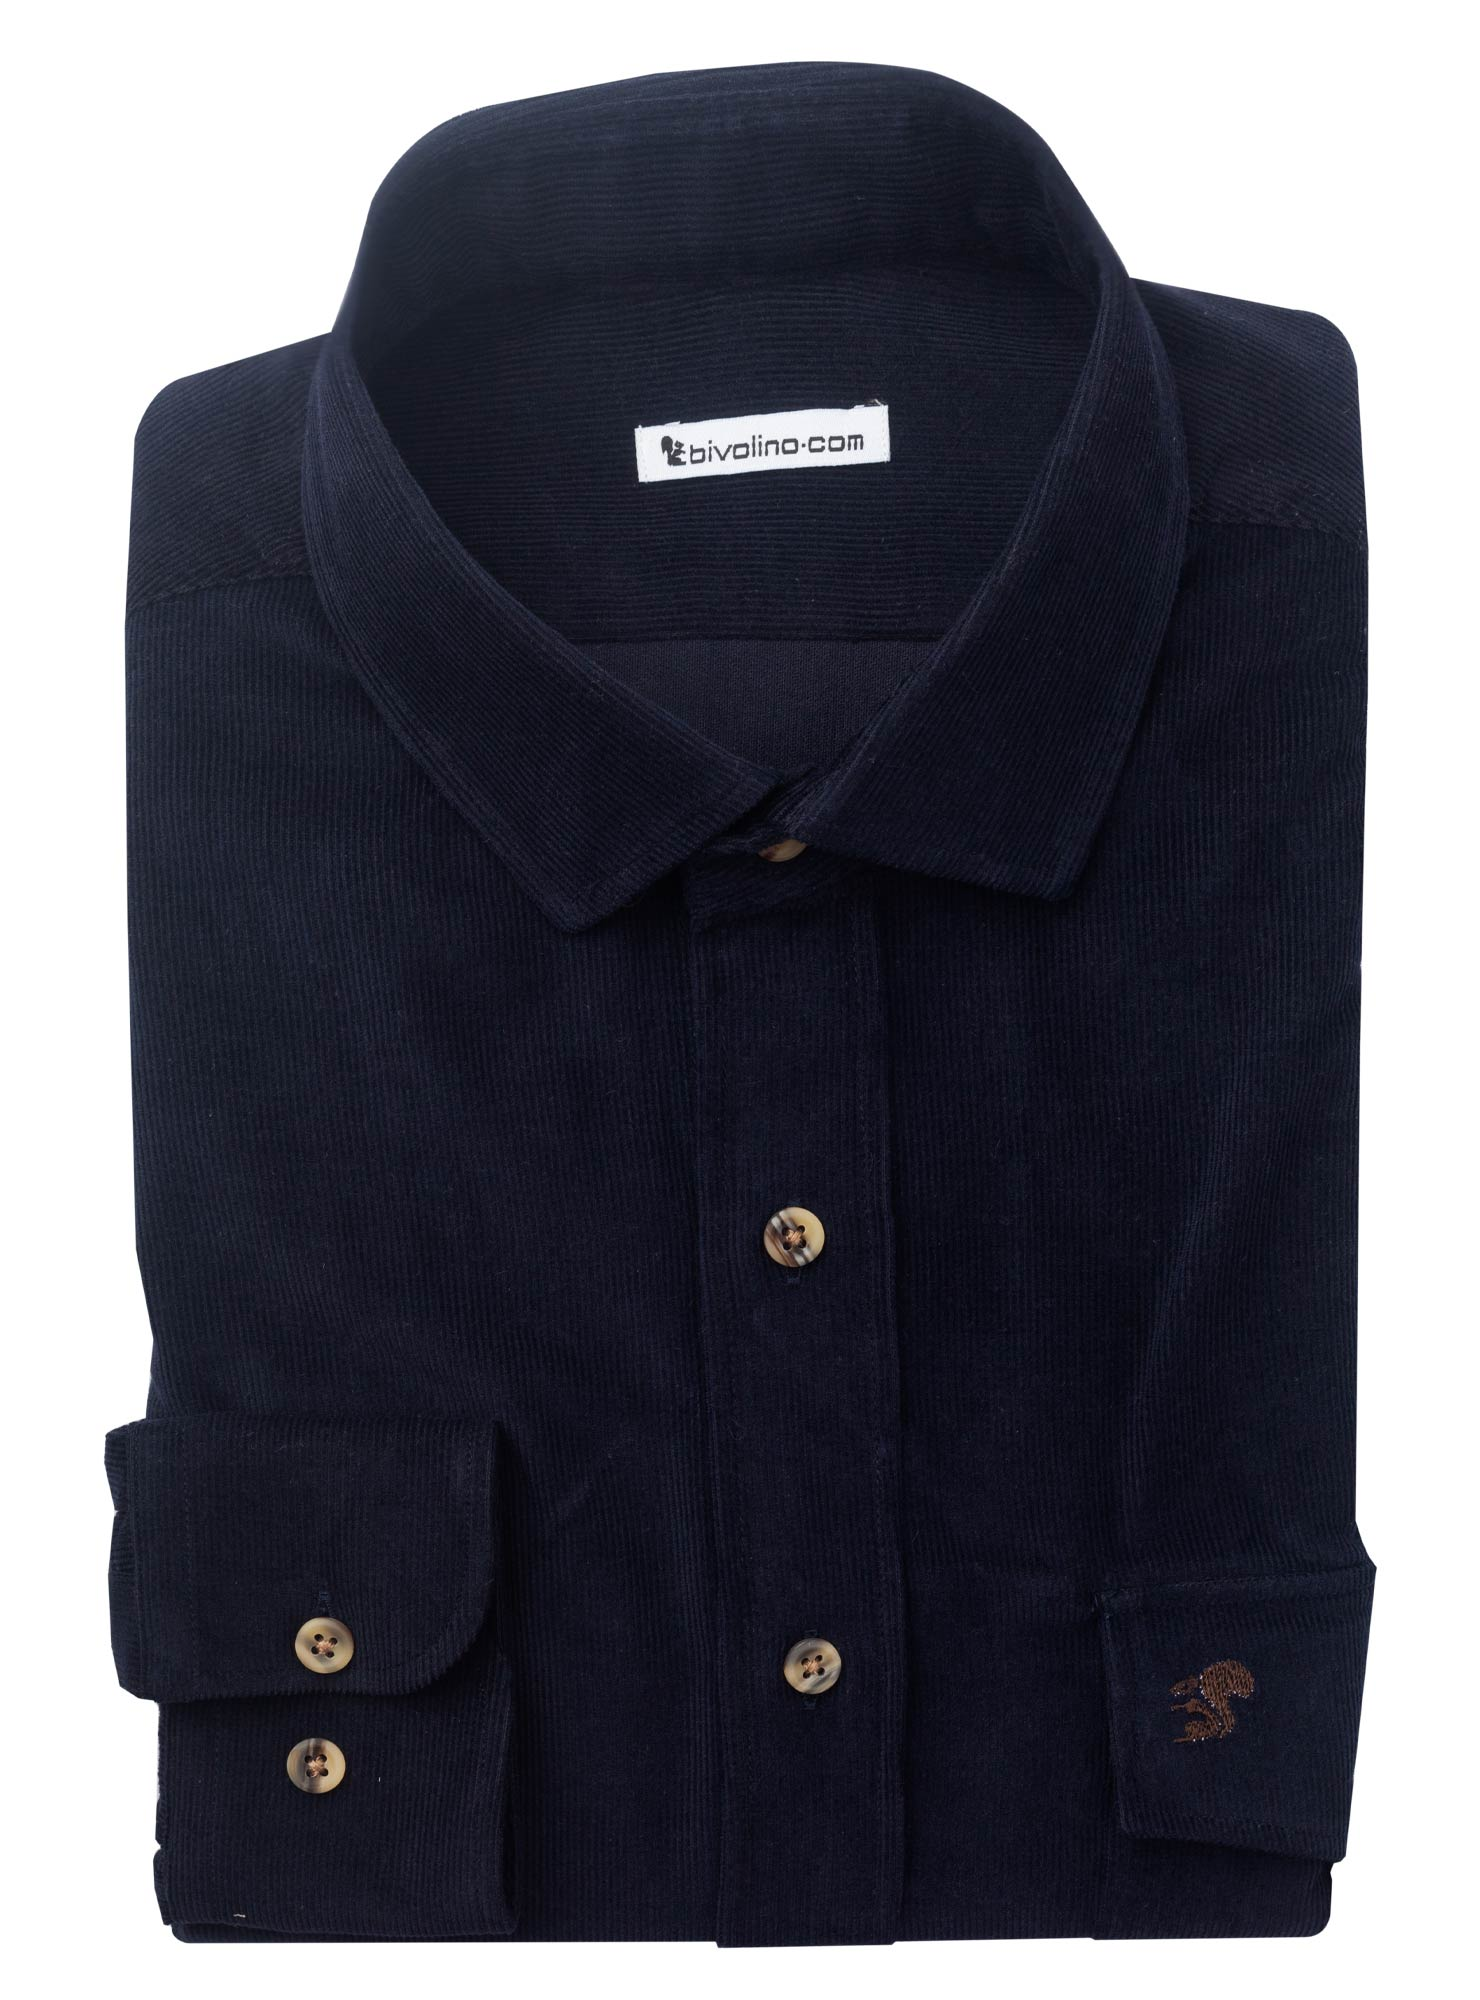 GIUGLIANO IN CAMPANIA - cordverlours navy cotton camisa de hombre - TANGO 1